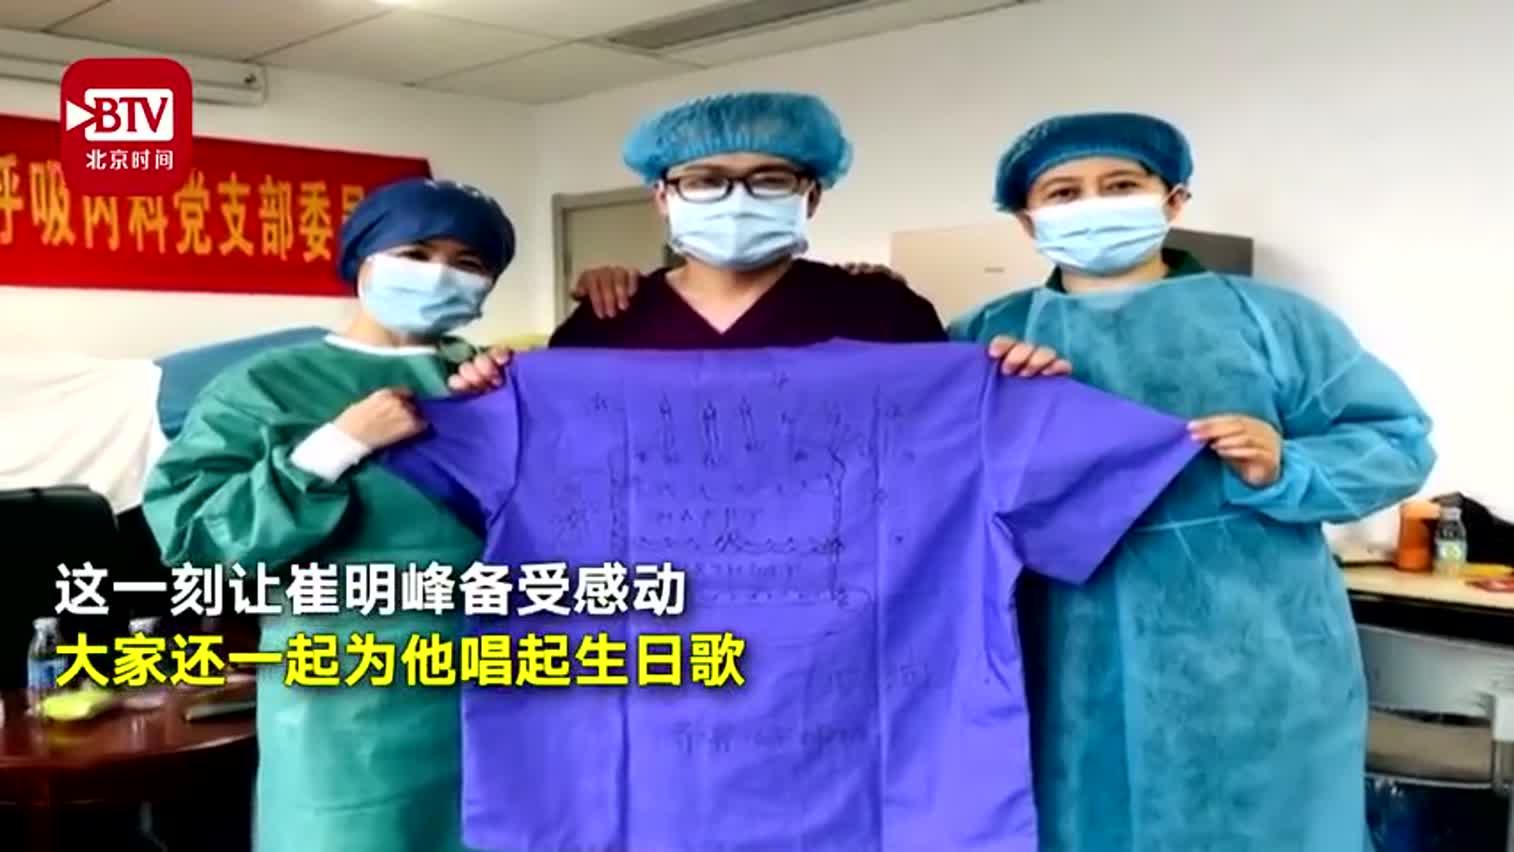 视频-男护士支援武汉恰逢生日 同事们给他手绘了一